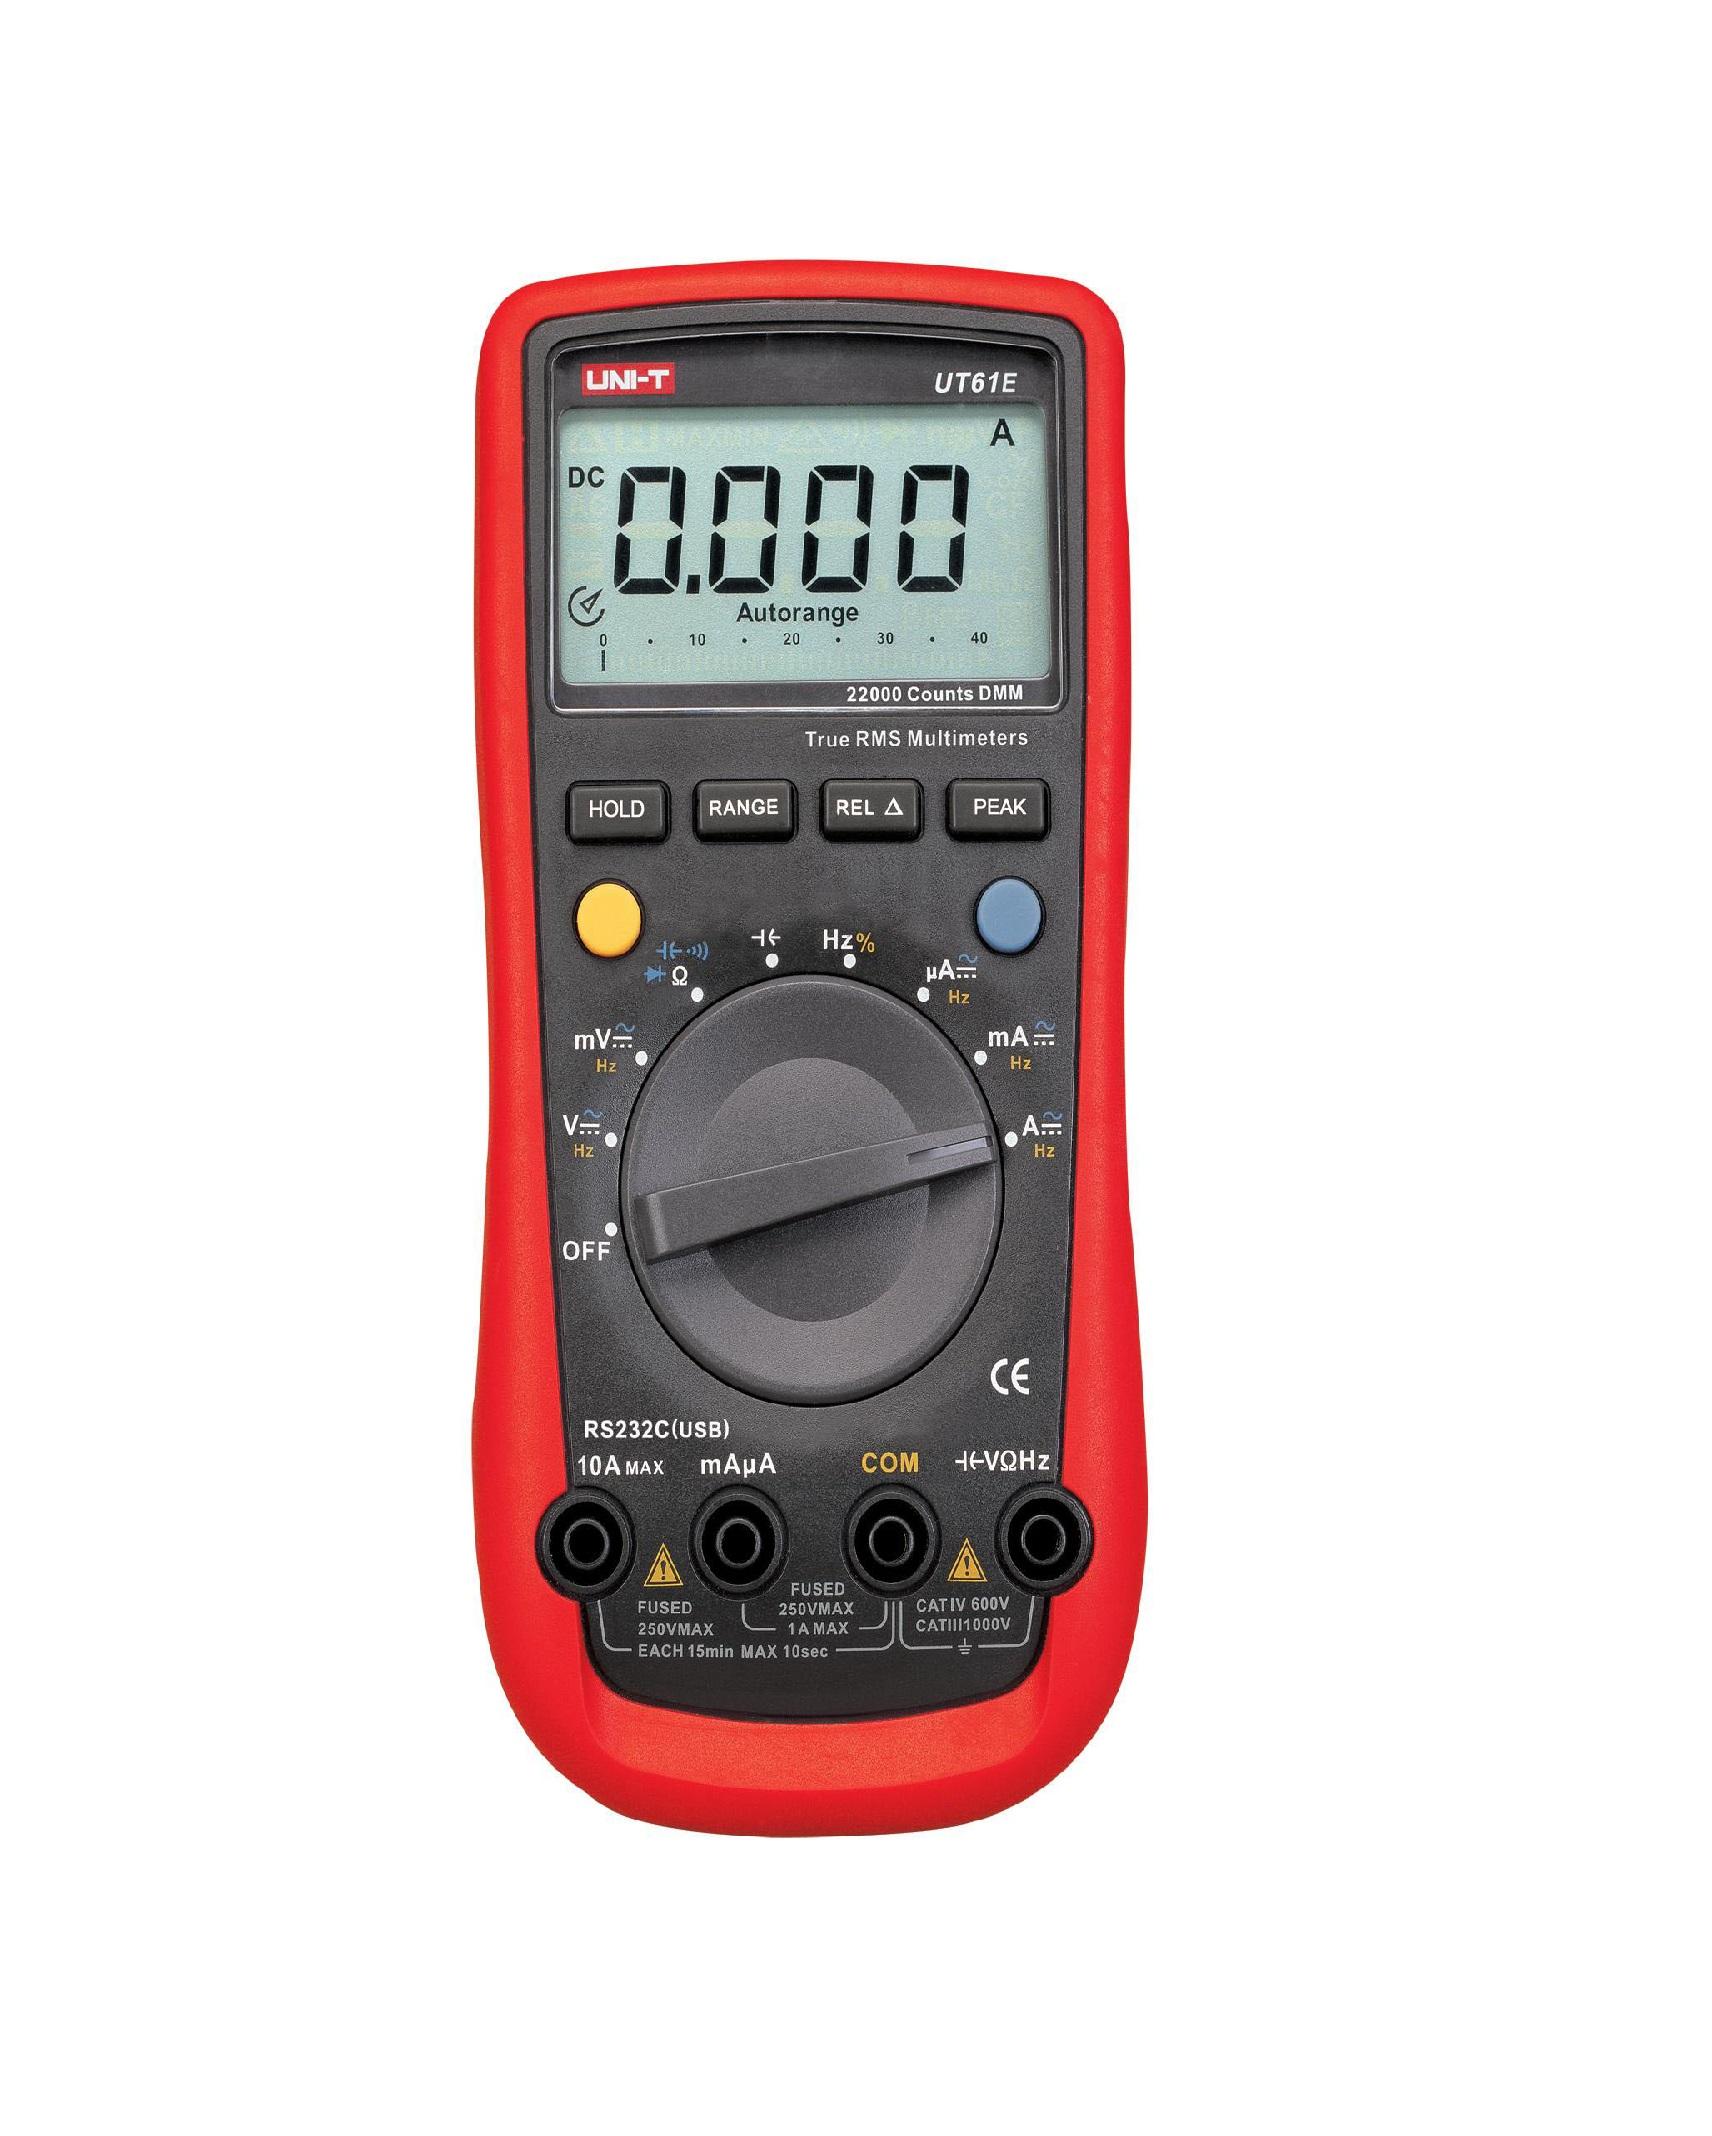 UNI-T UT61E - Digital Multimeter 600mV-1000V